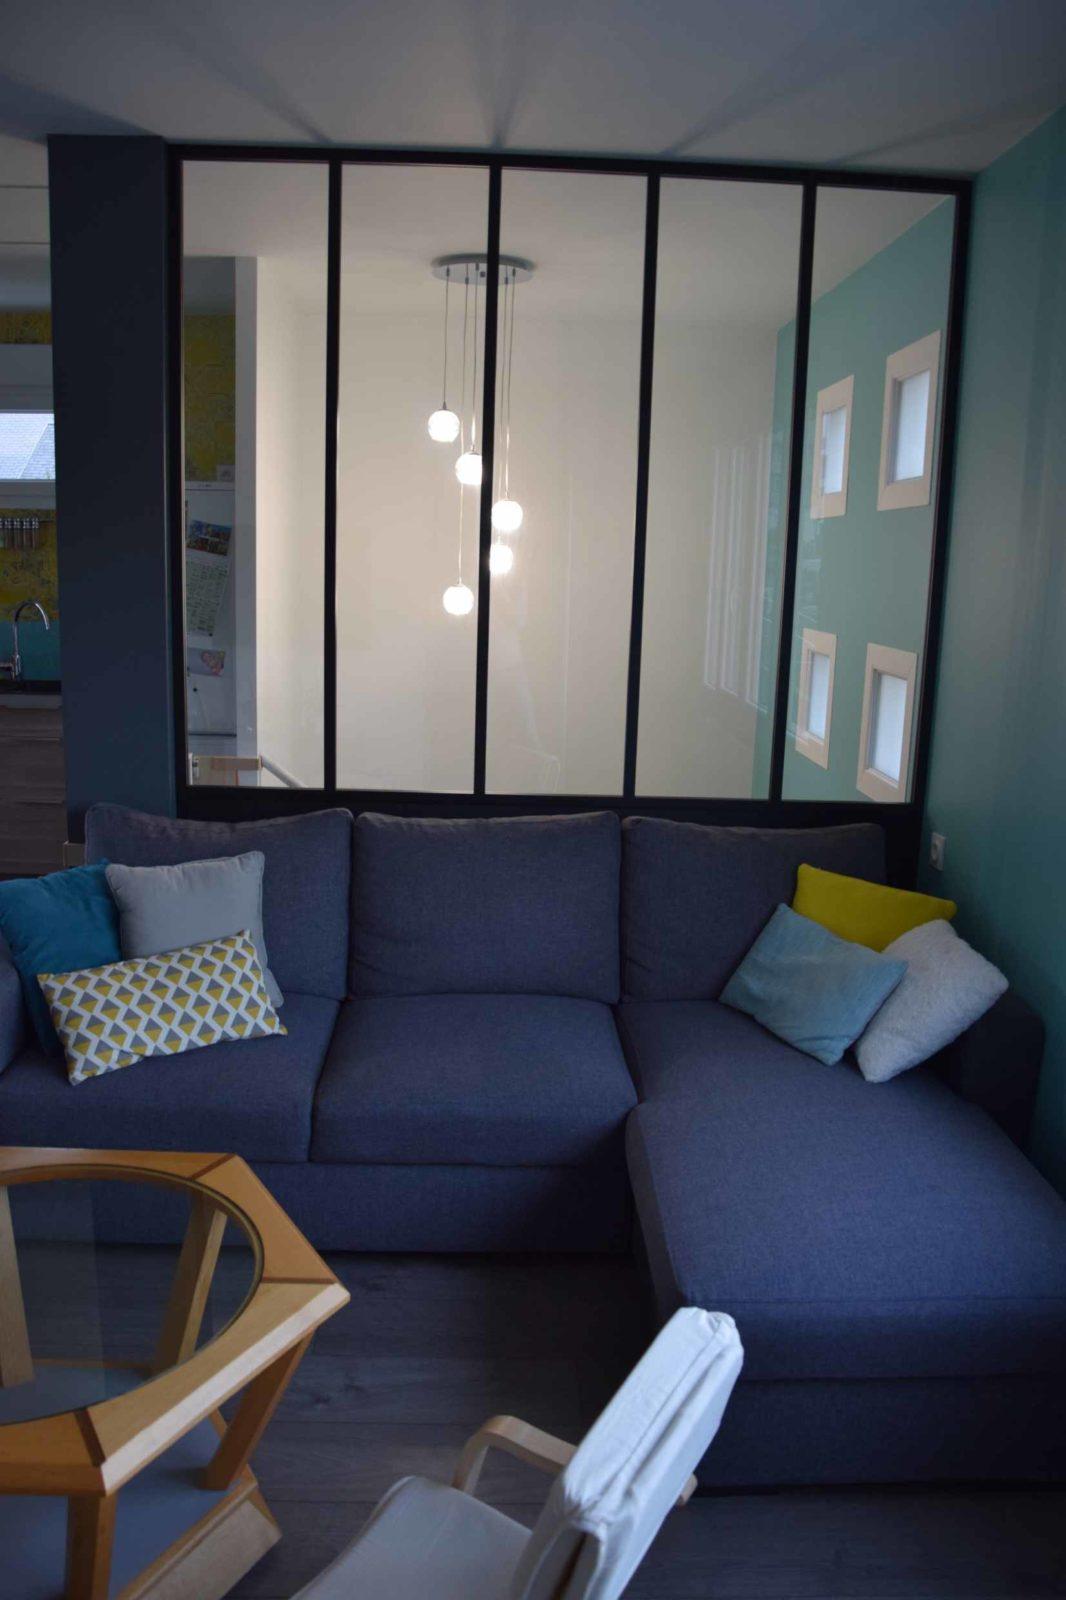 Verrière décorative et séparation de la cage d'escalier et le salon, en aluminium laqué noir et vitrage 33.2 transparent